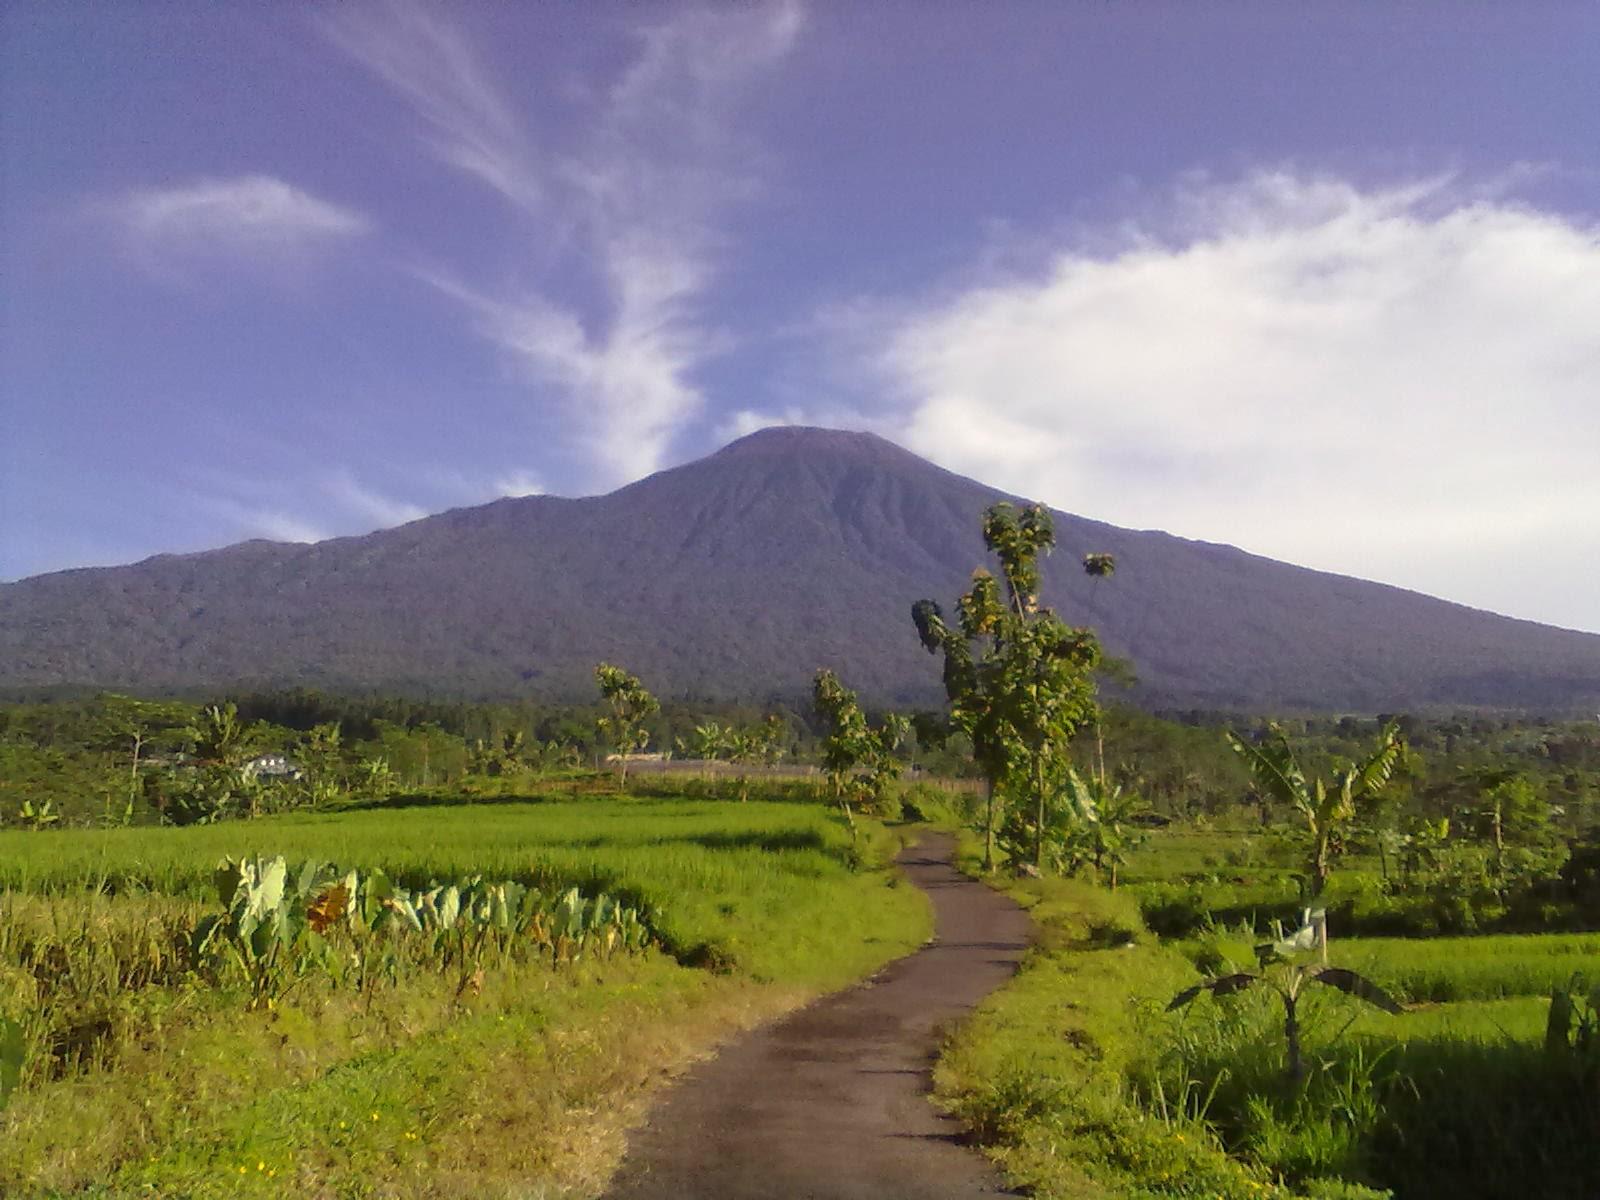 Desa Wisata Ketenger Banyumas Jawa Tengah Kab